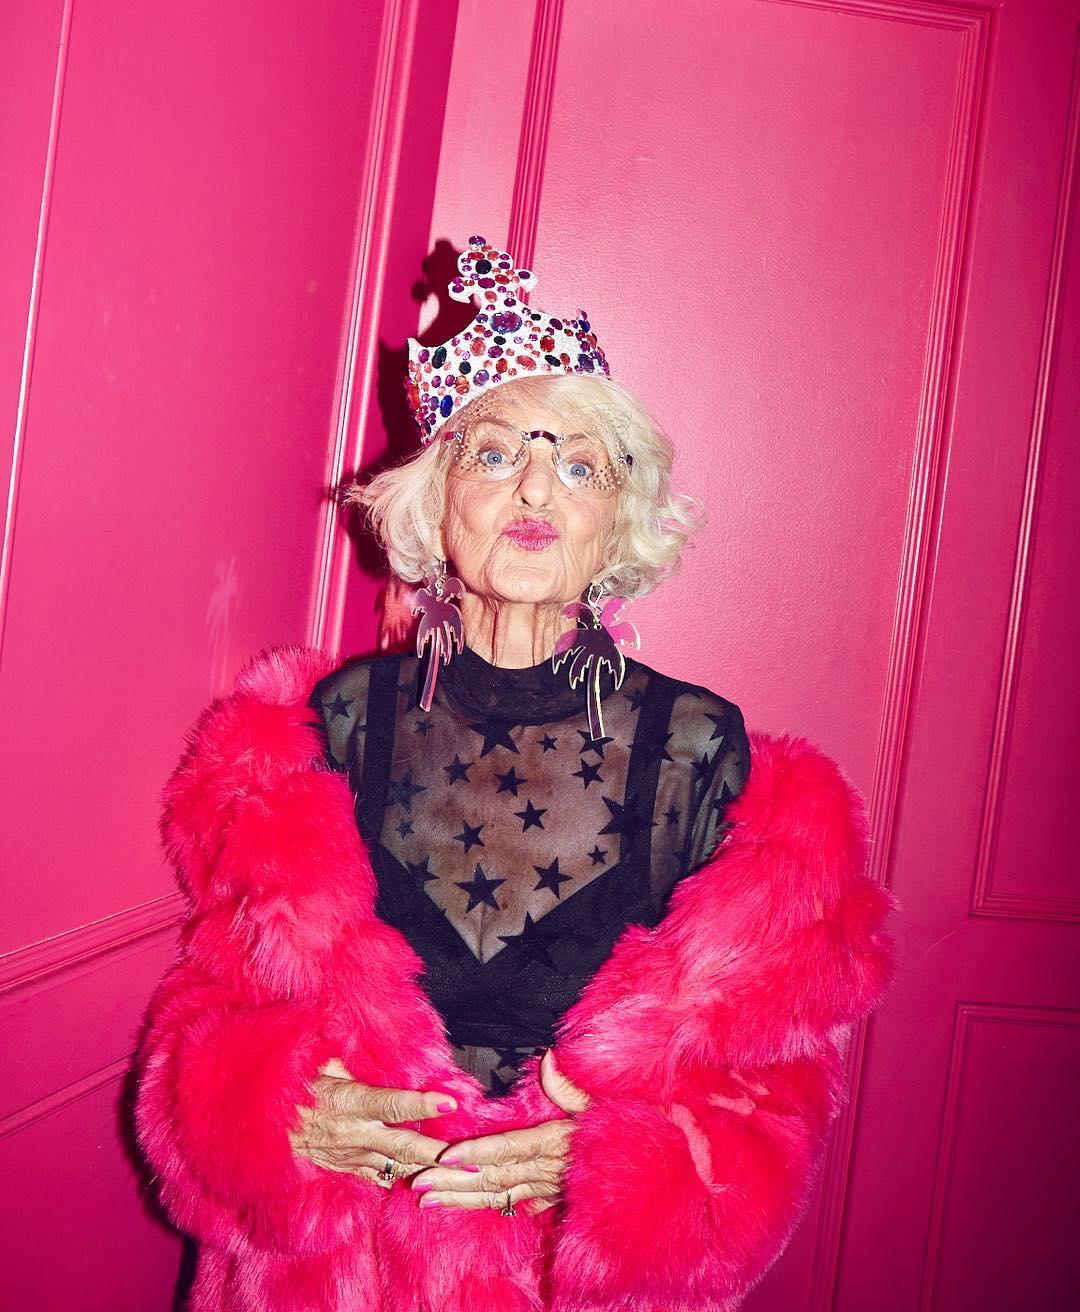 говорить, розовые старушки видео условно